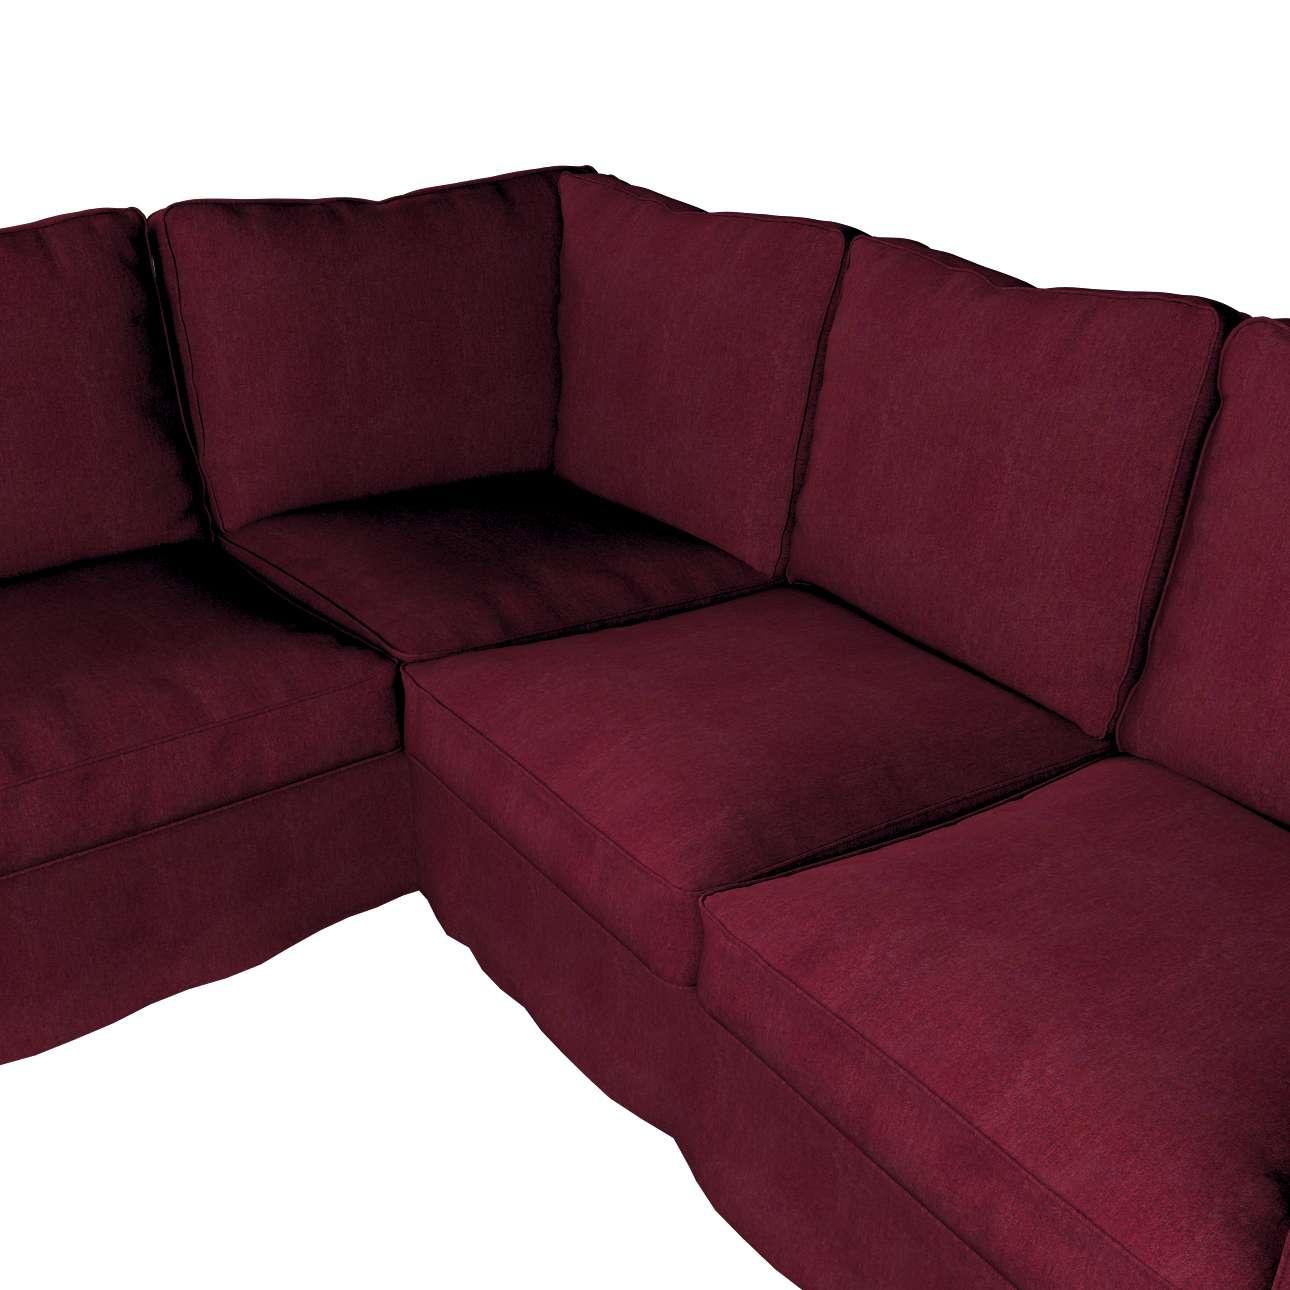 Pokrowiec Ektorp na sofę narożną w kolekcji Chenille, tkanina: 702-19